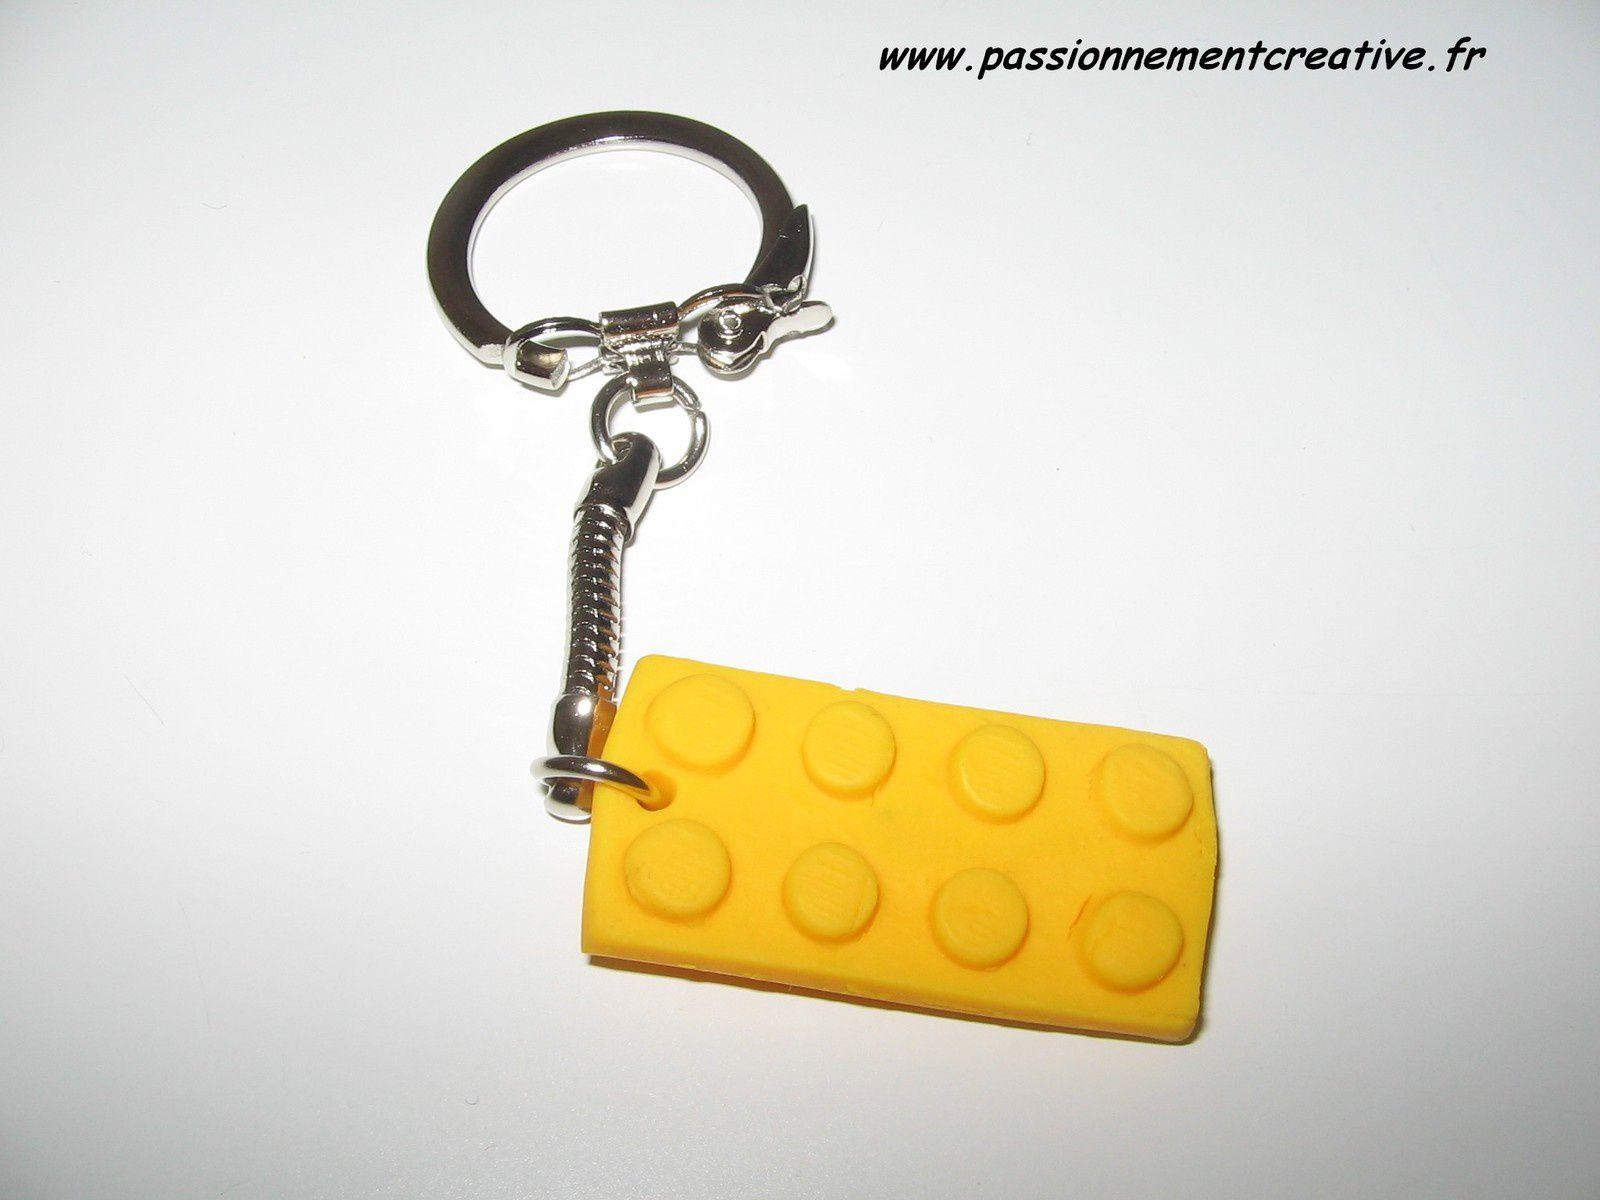 Porte clés Légo en fimo